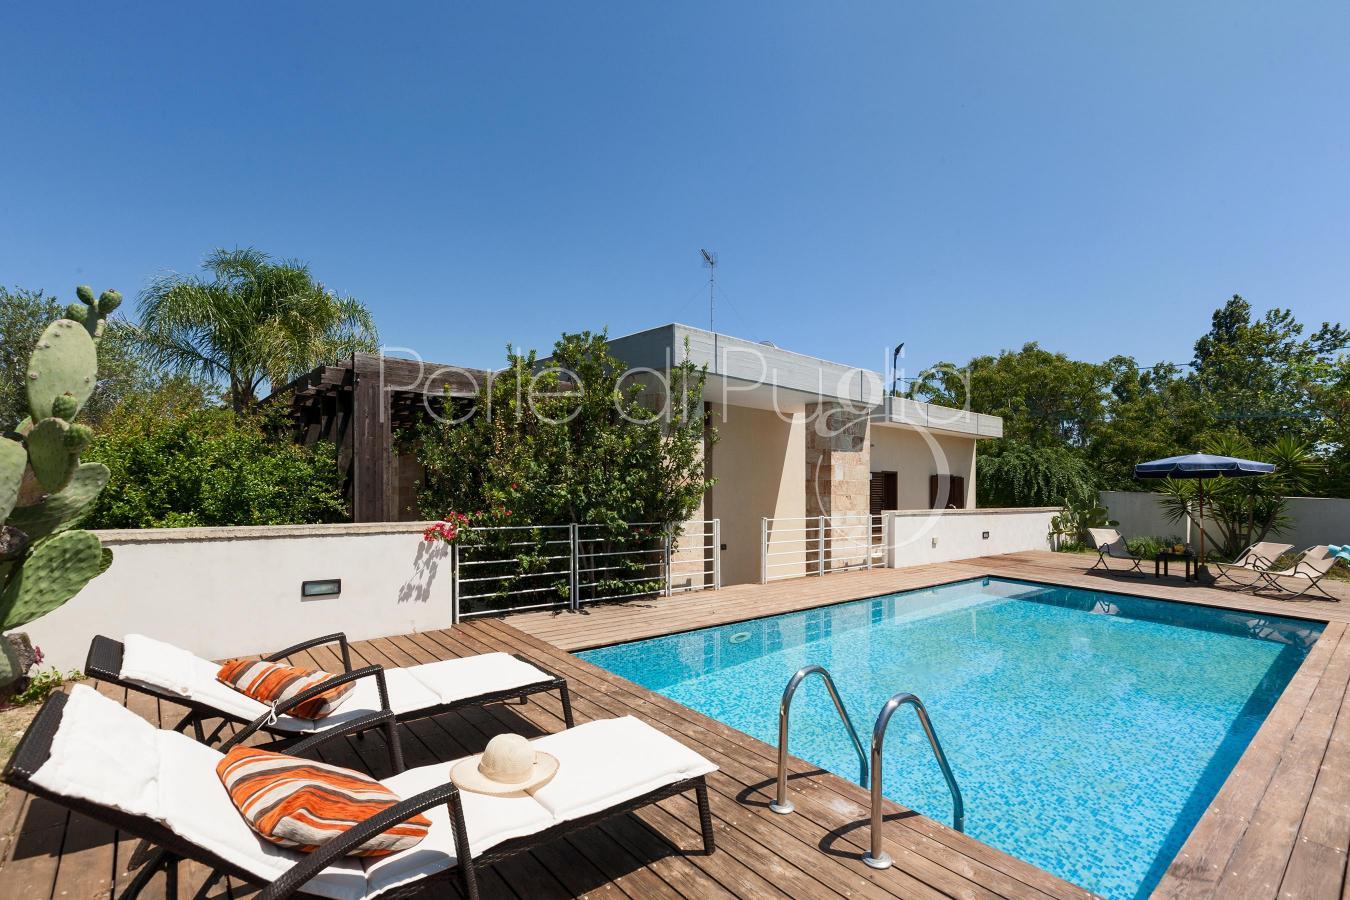 Villa con piscina e giardino a torre dell orso villa cala - Villa con piscina salento ...